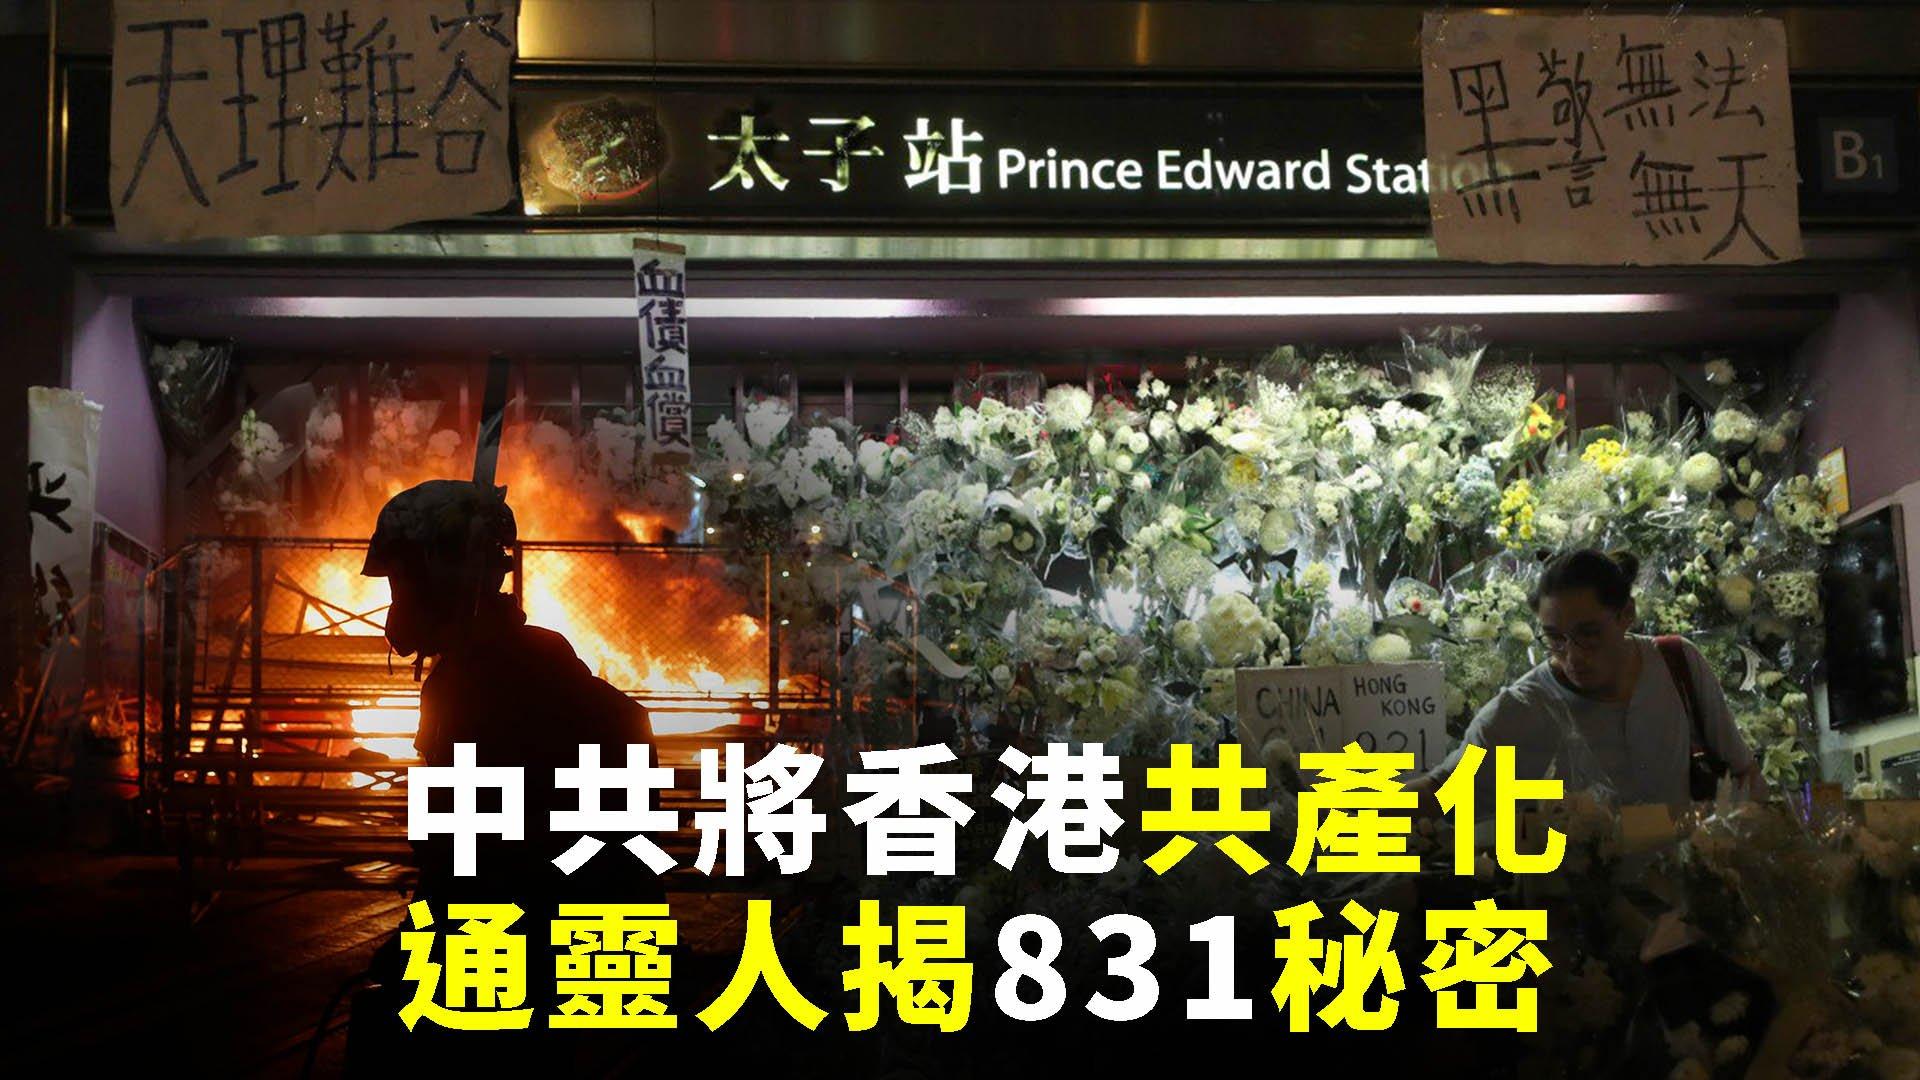 中共戰術有變?對香港「明修棧道 暗度陳倉」,將香港共產化?(大紀元)